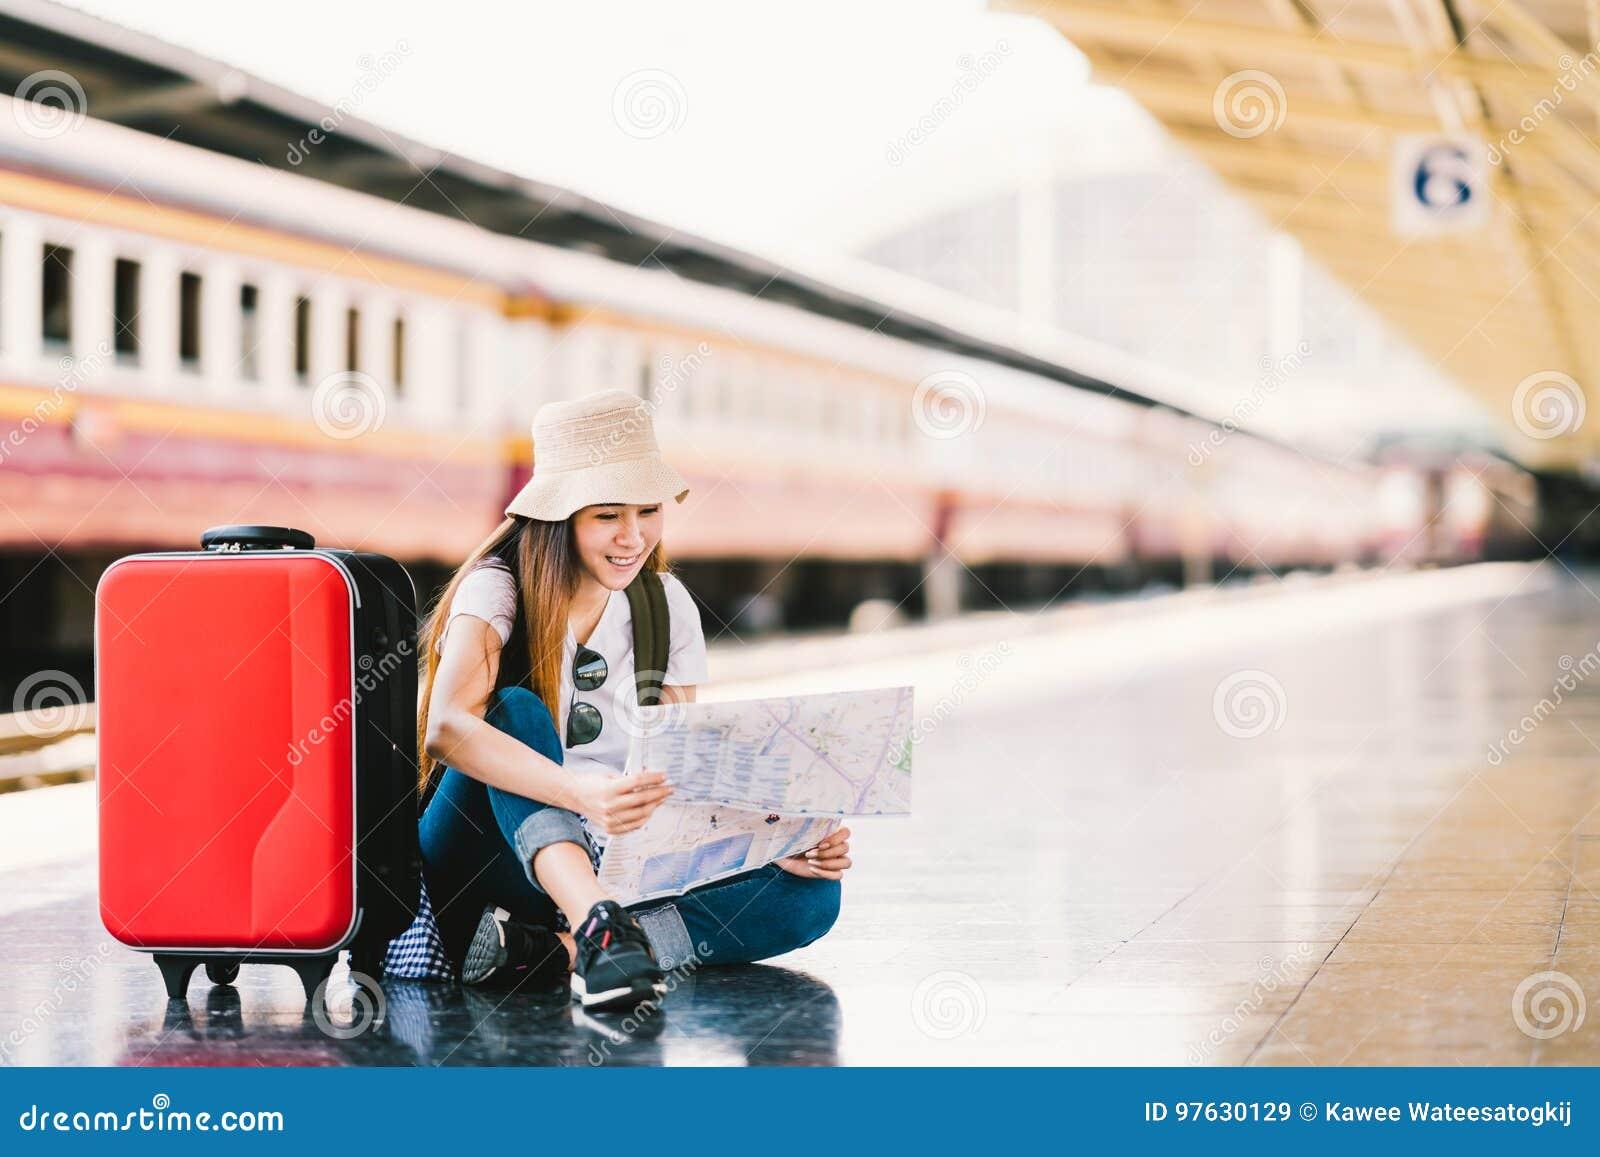 Mujer asiática del viajero de la mochila que usa el mapa local genérico, localizando solamente en la plataforma de la estación de